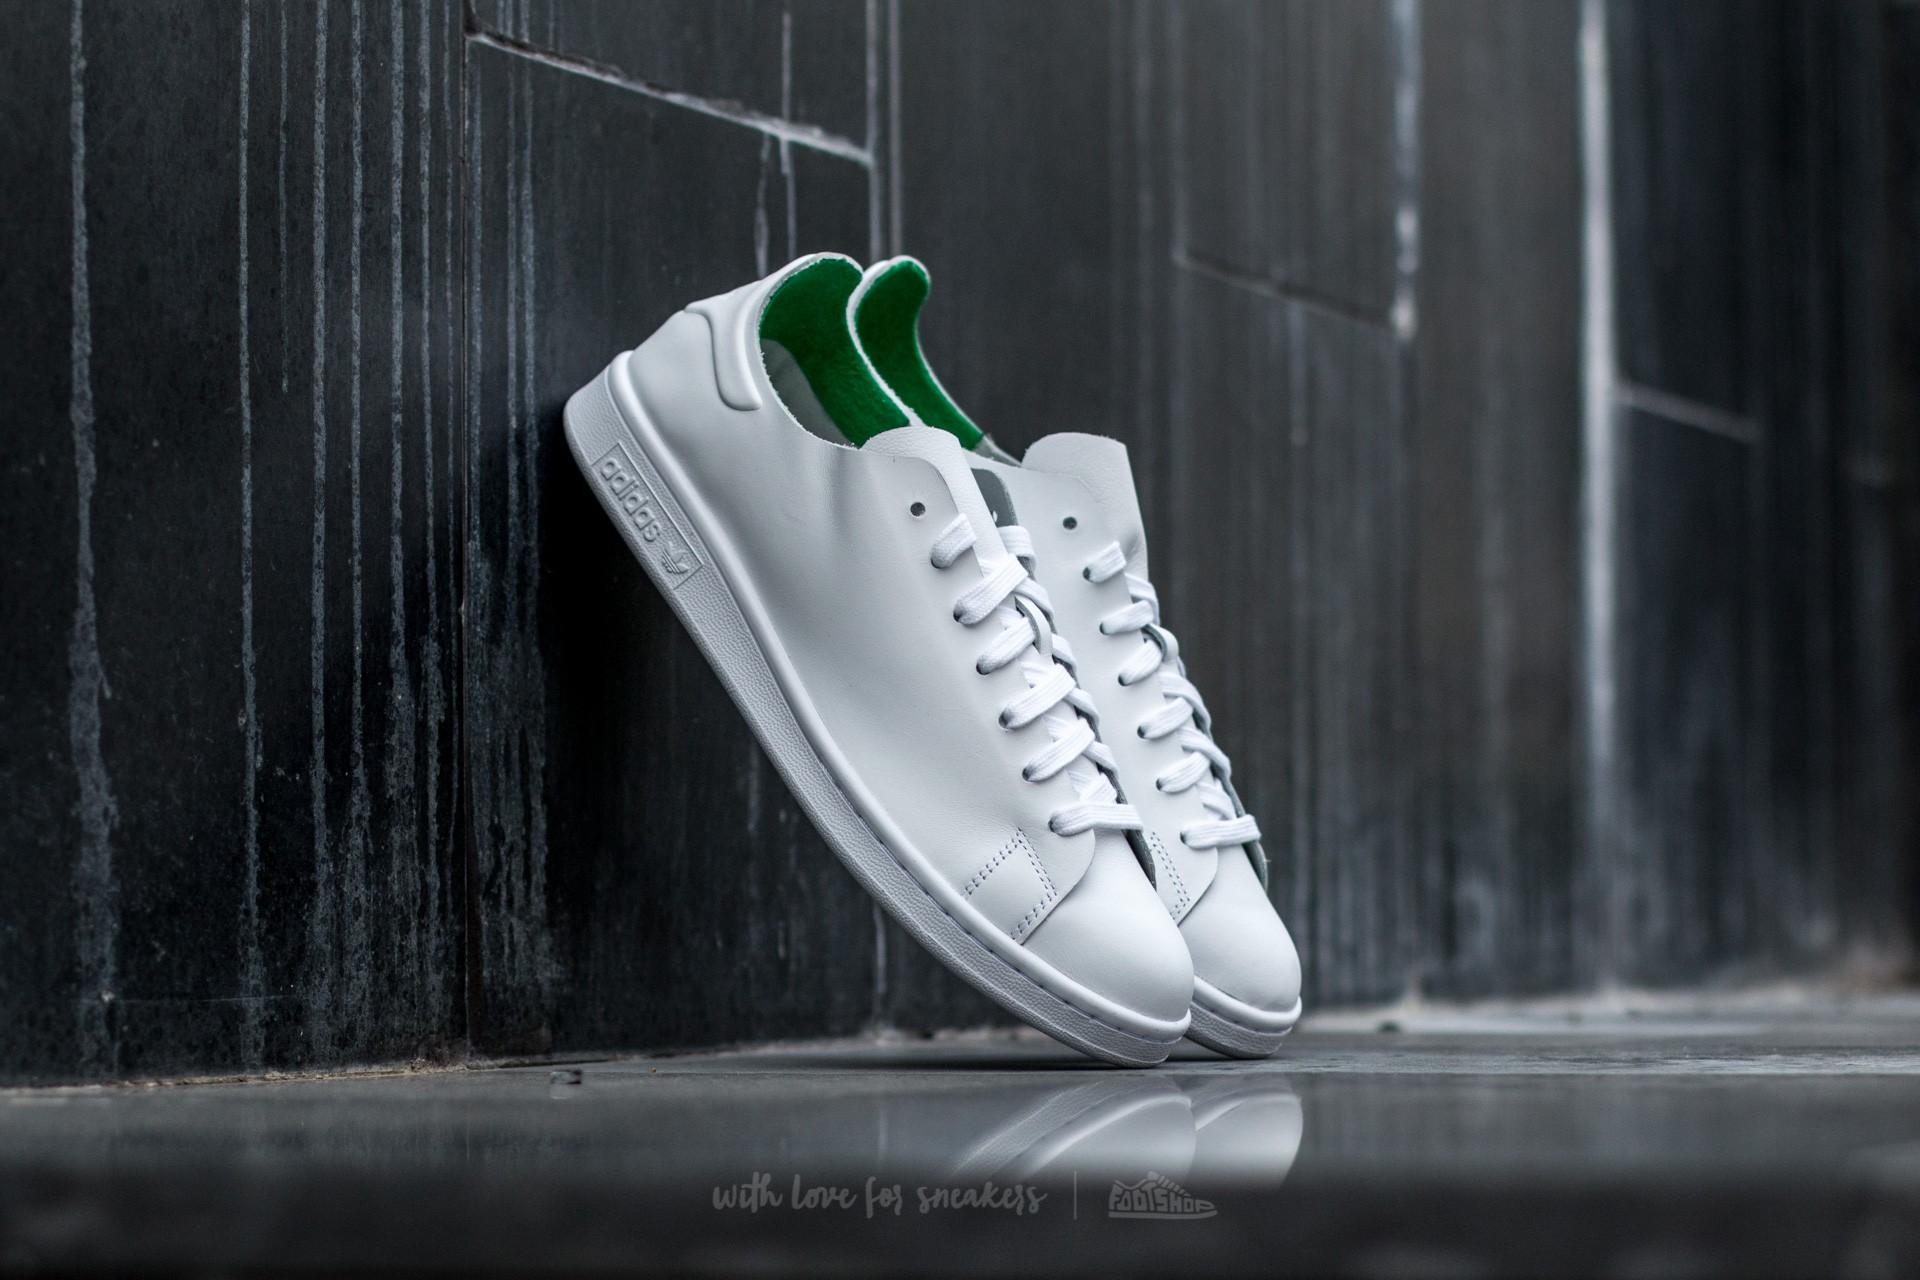 adidas Stan Smith Nuude W Ftw White/ Ftw White/ Green